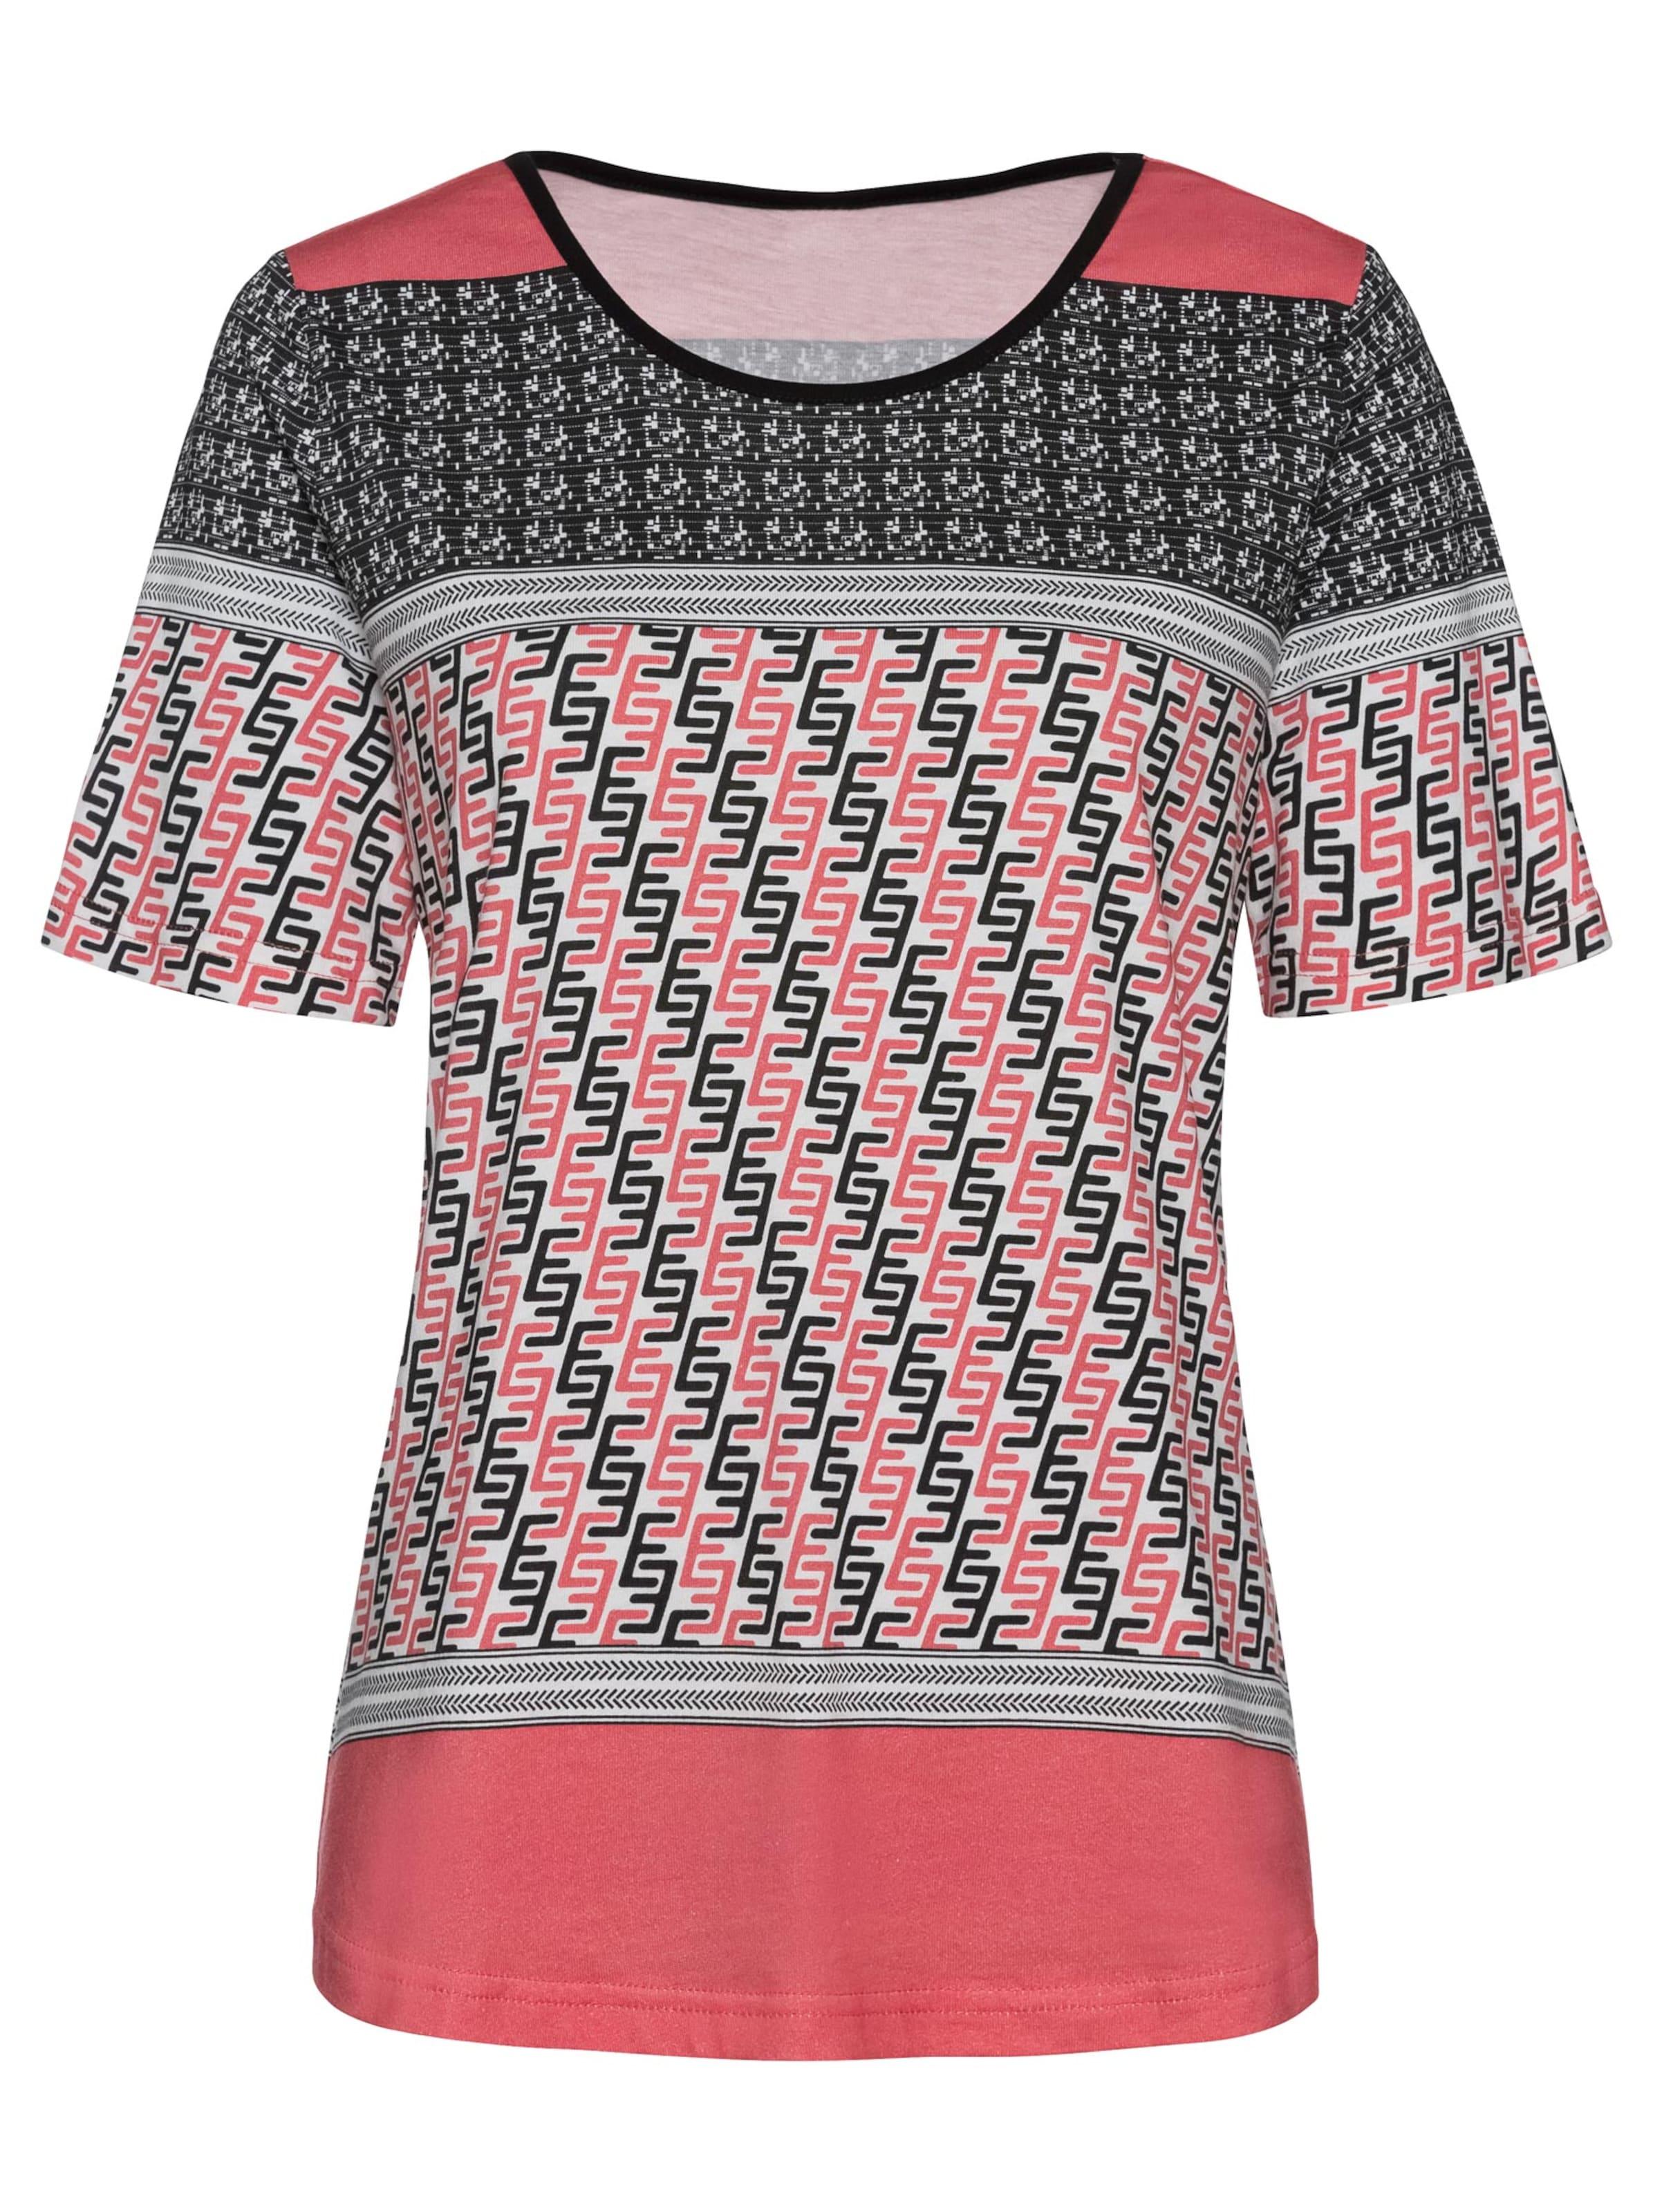 witt weiden -  Damen Shirt hummer-schwarz-bedruckt